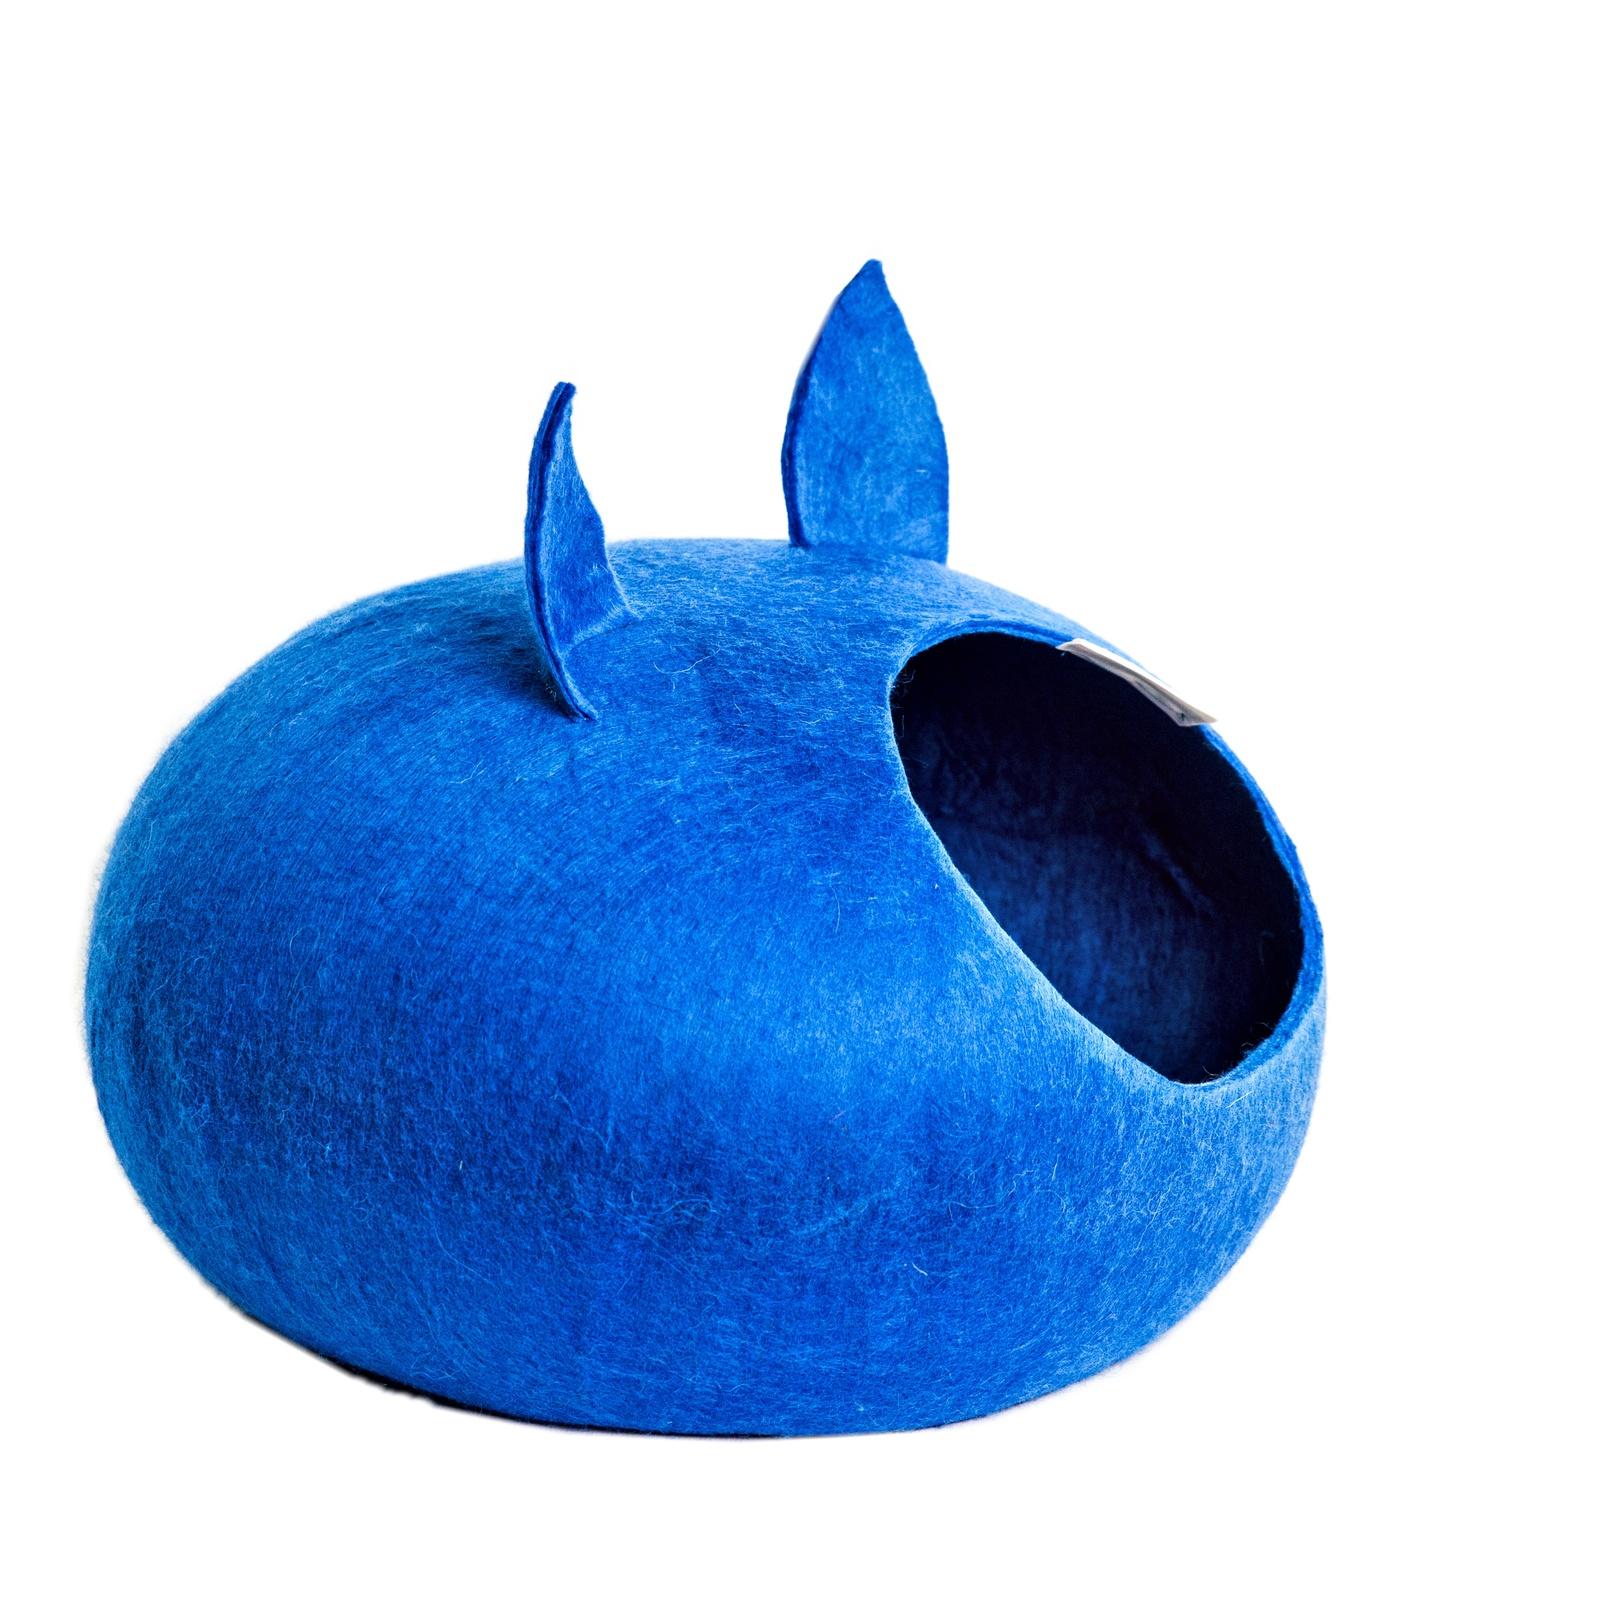 Домик для кошек и собак WoolPetHouse с ушками, синий, L домик слипер для животных zoobaloo woolpethouse с ушками цвет синий размер l